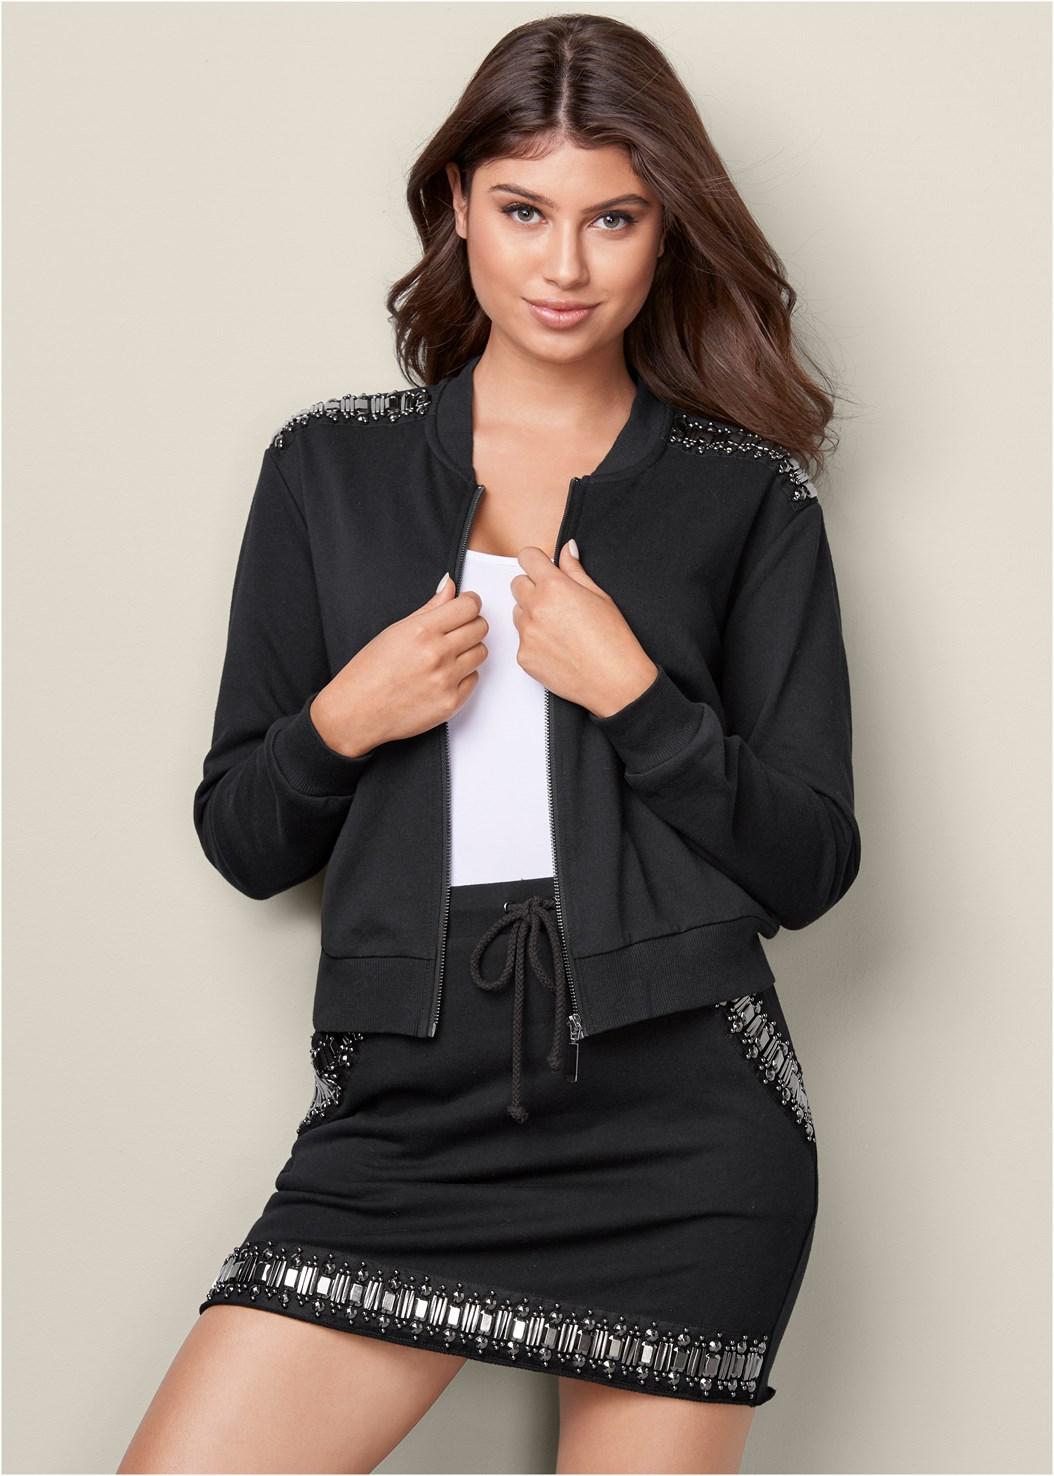 Jeweled Lounge Jacket,Basic Cami Two Pack